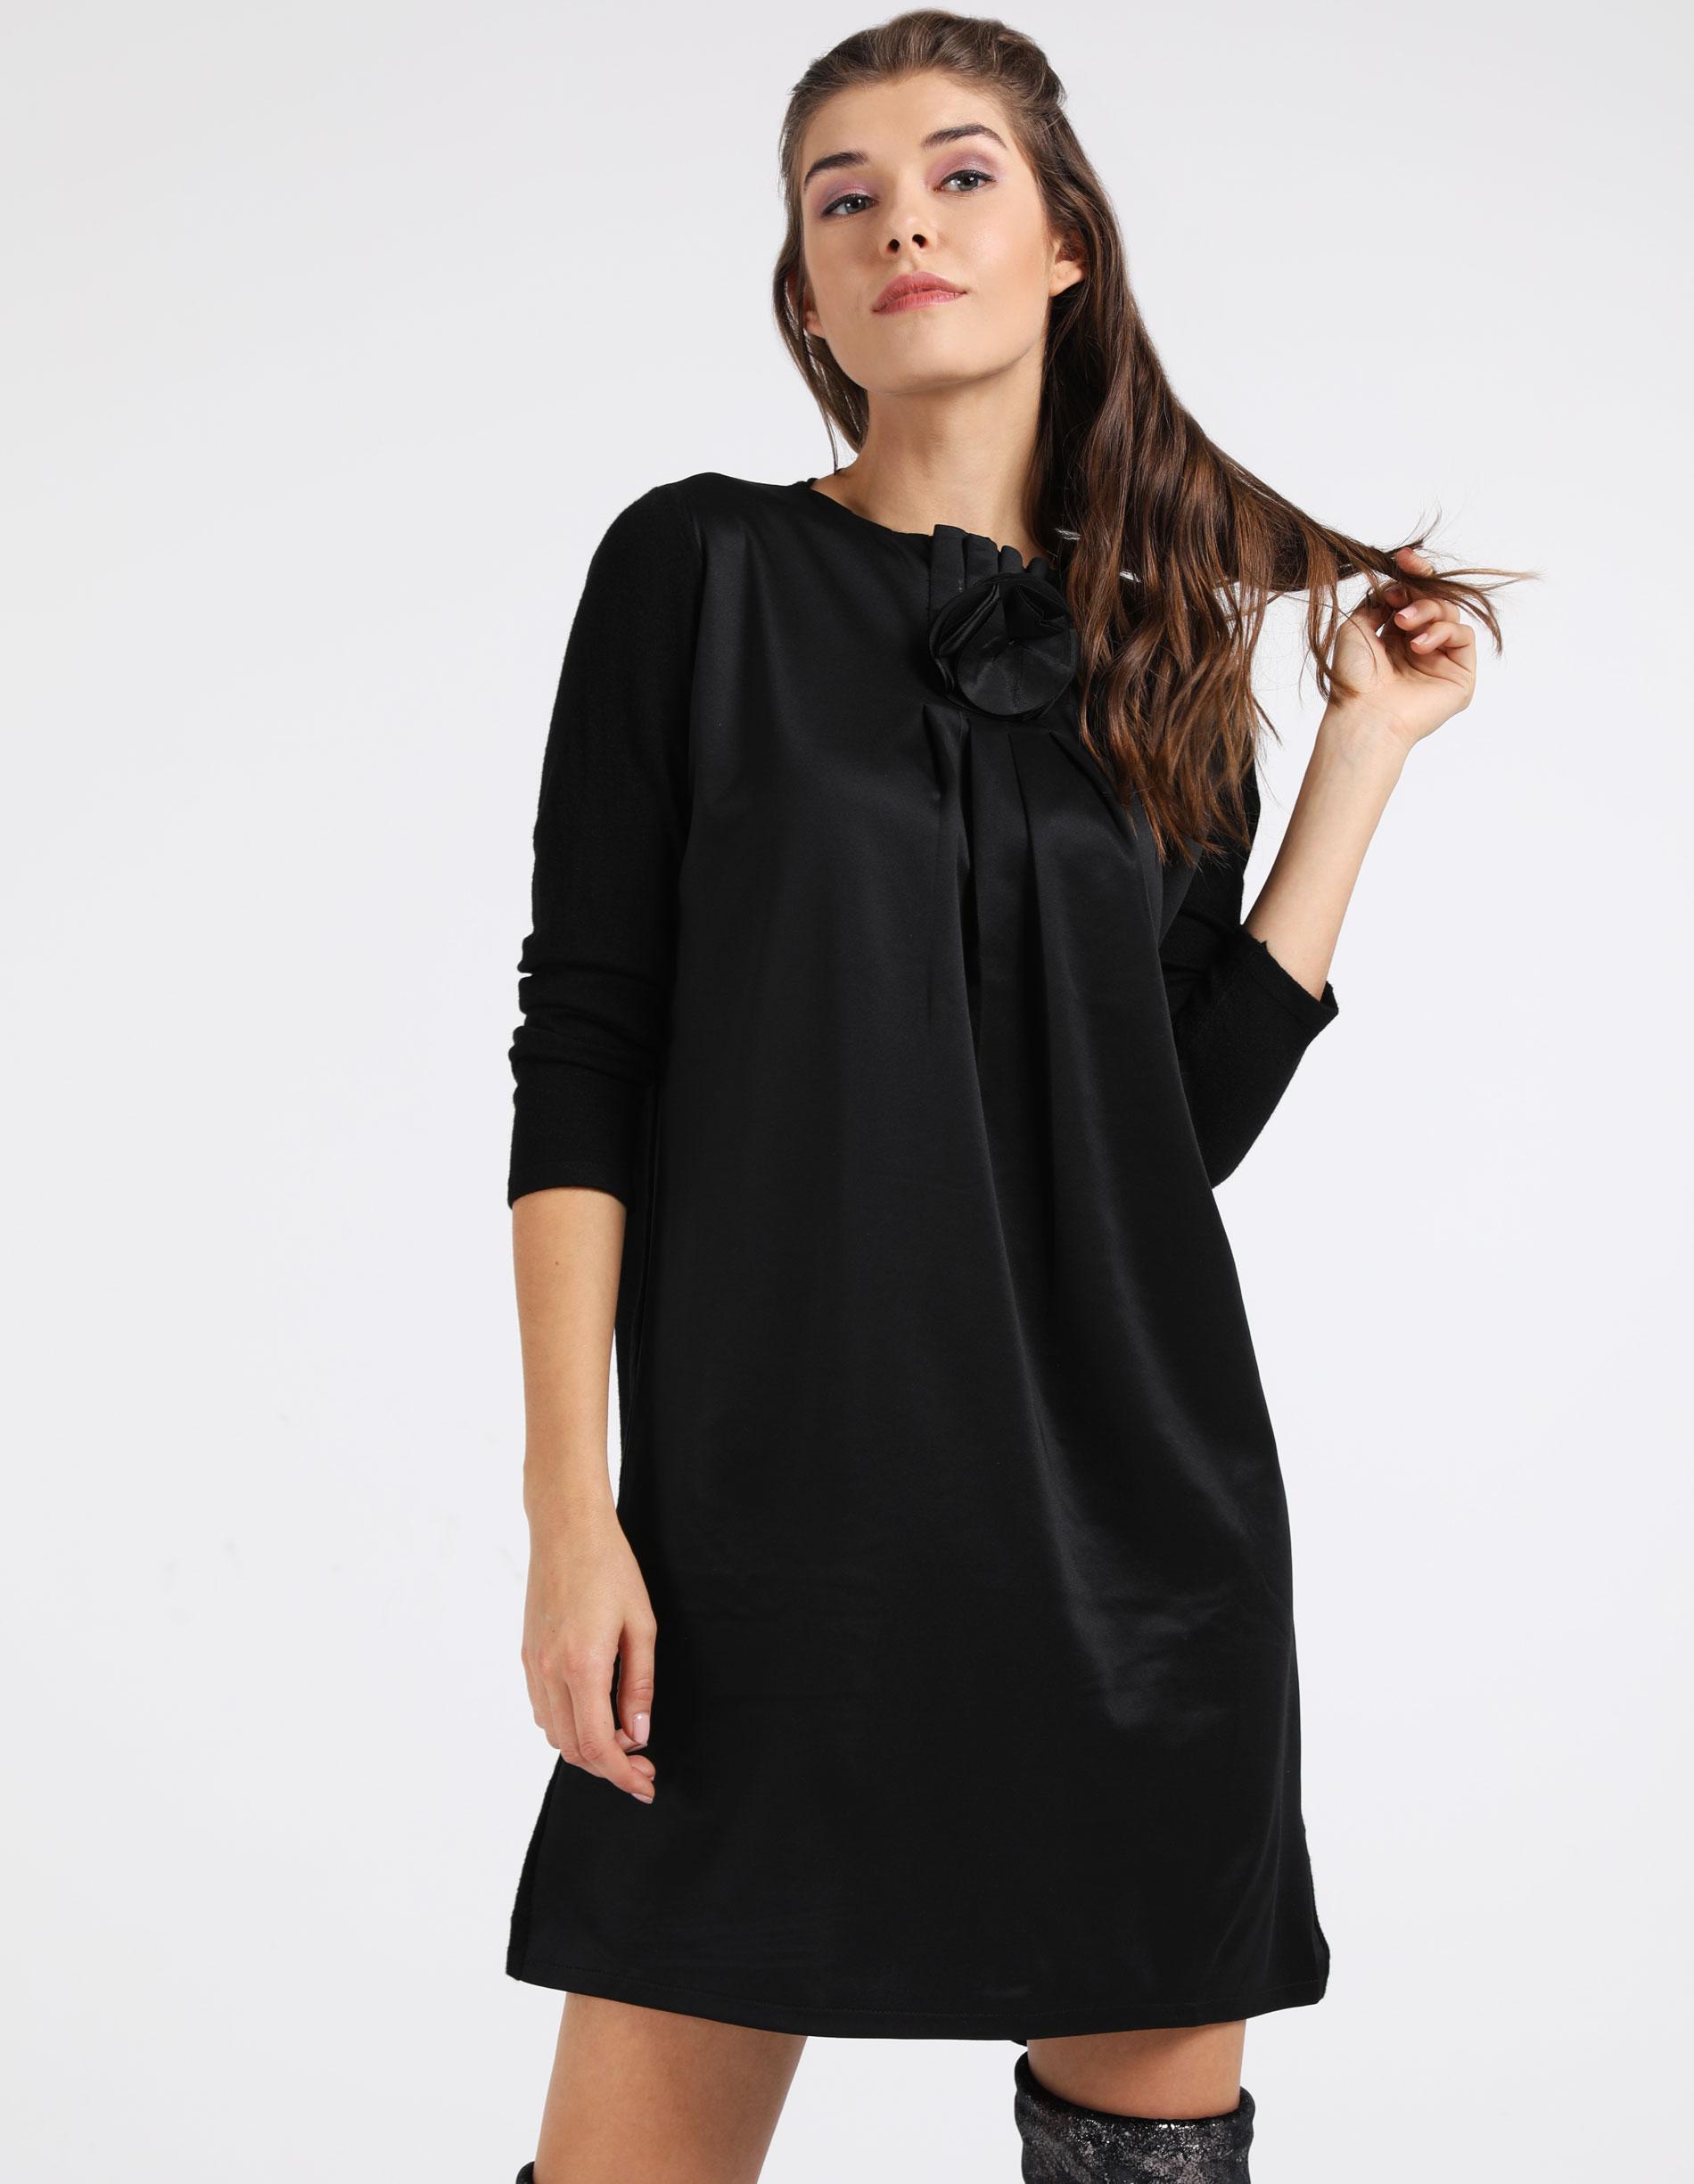 Sukienka - 78-0592 NERO - Unisono